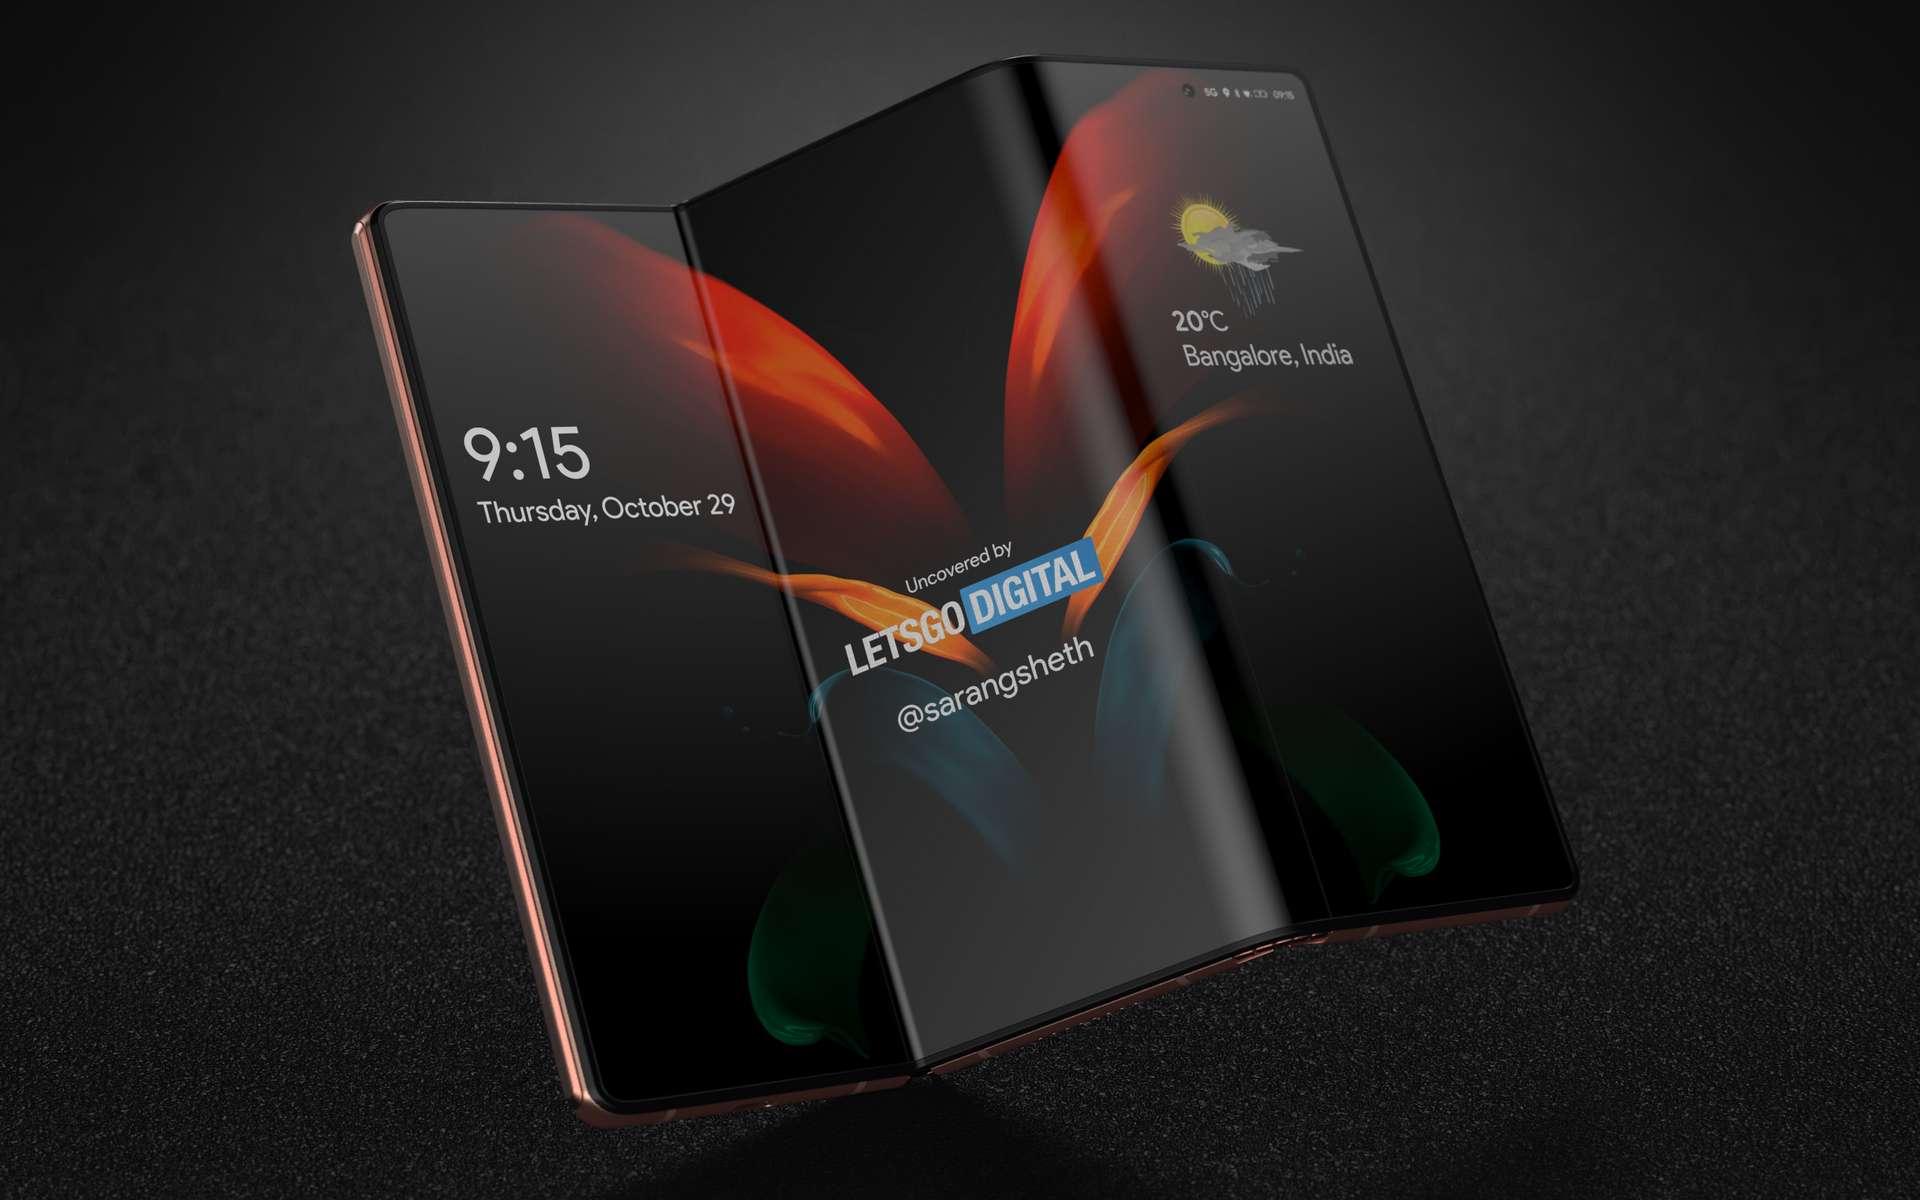 Le prochain smartphone Samsung pourrait proposer trois écrans pour offrir une surface d'affichage digne d'une tablette. © LetsGoDigital